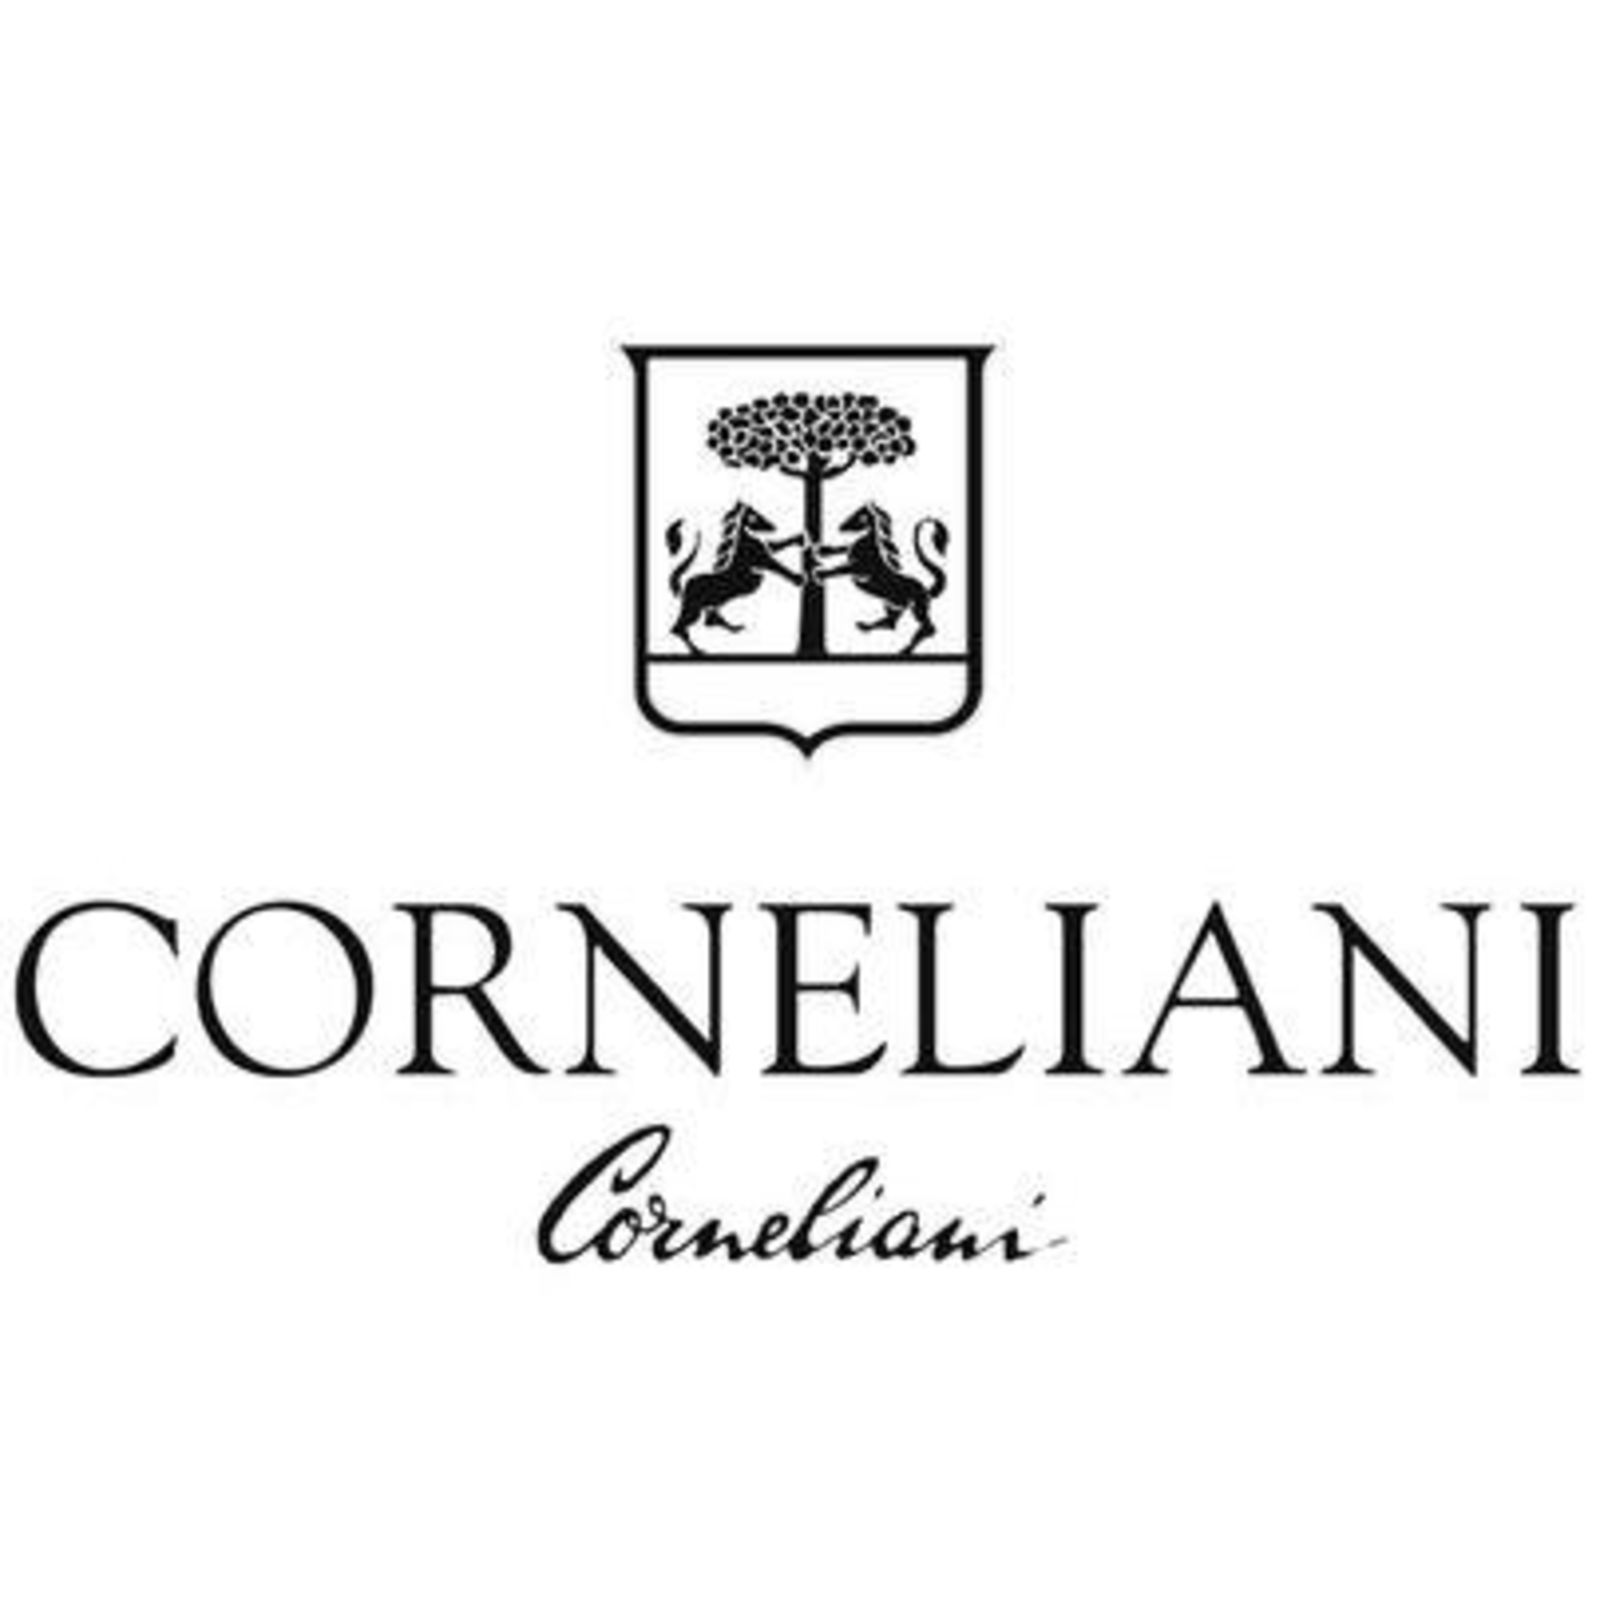 CORNELIANI (Image 1)